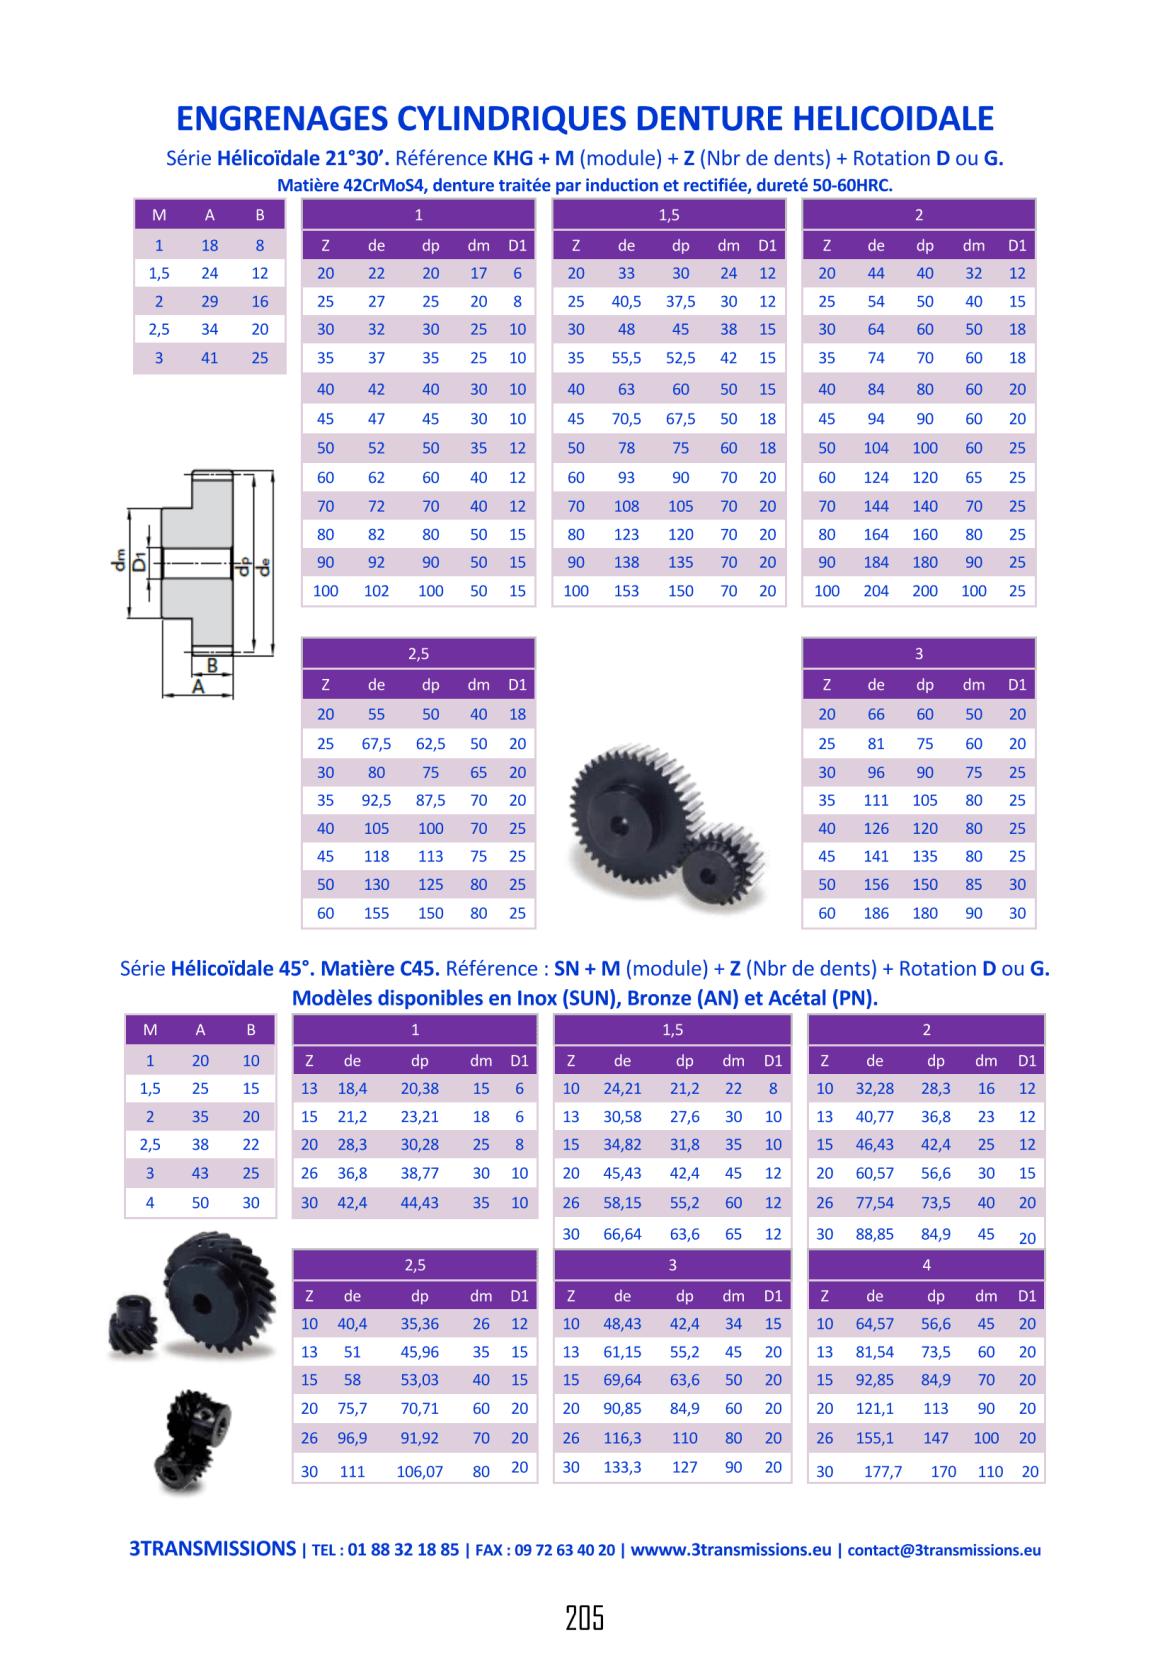 Catalogue 3Transmissions - Engrenages denture hélicoïdale